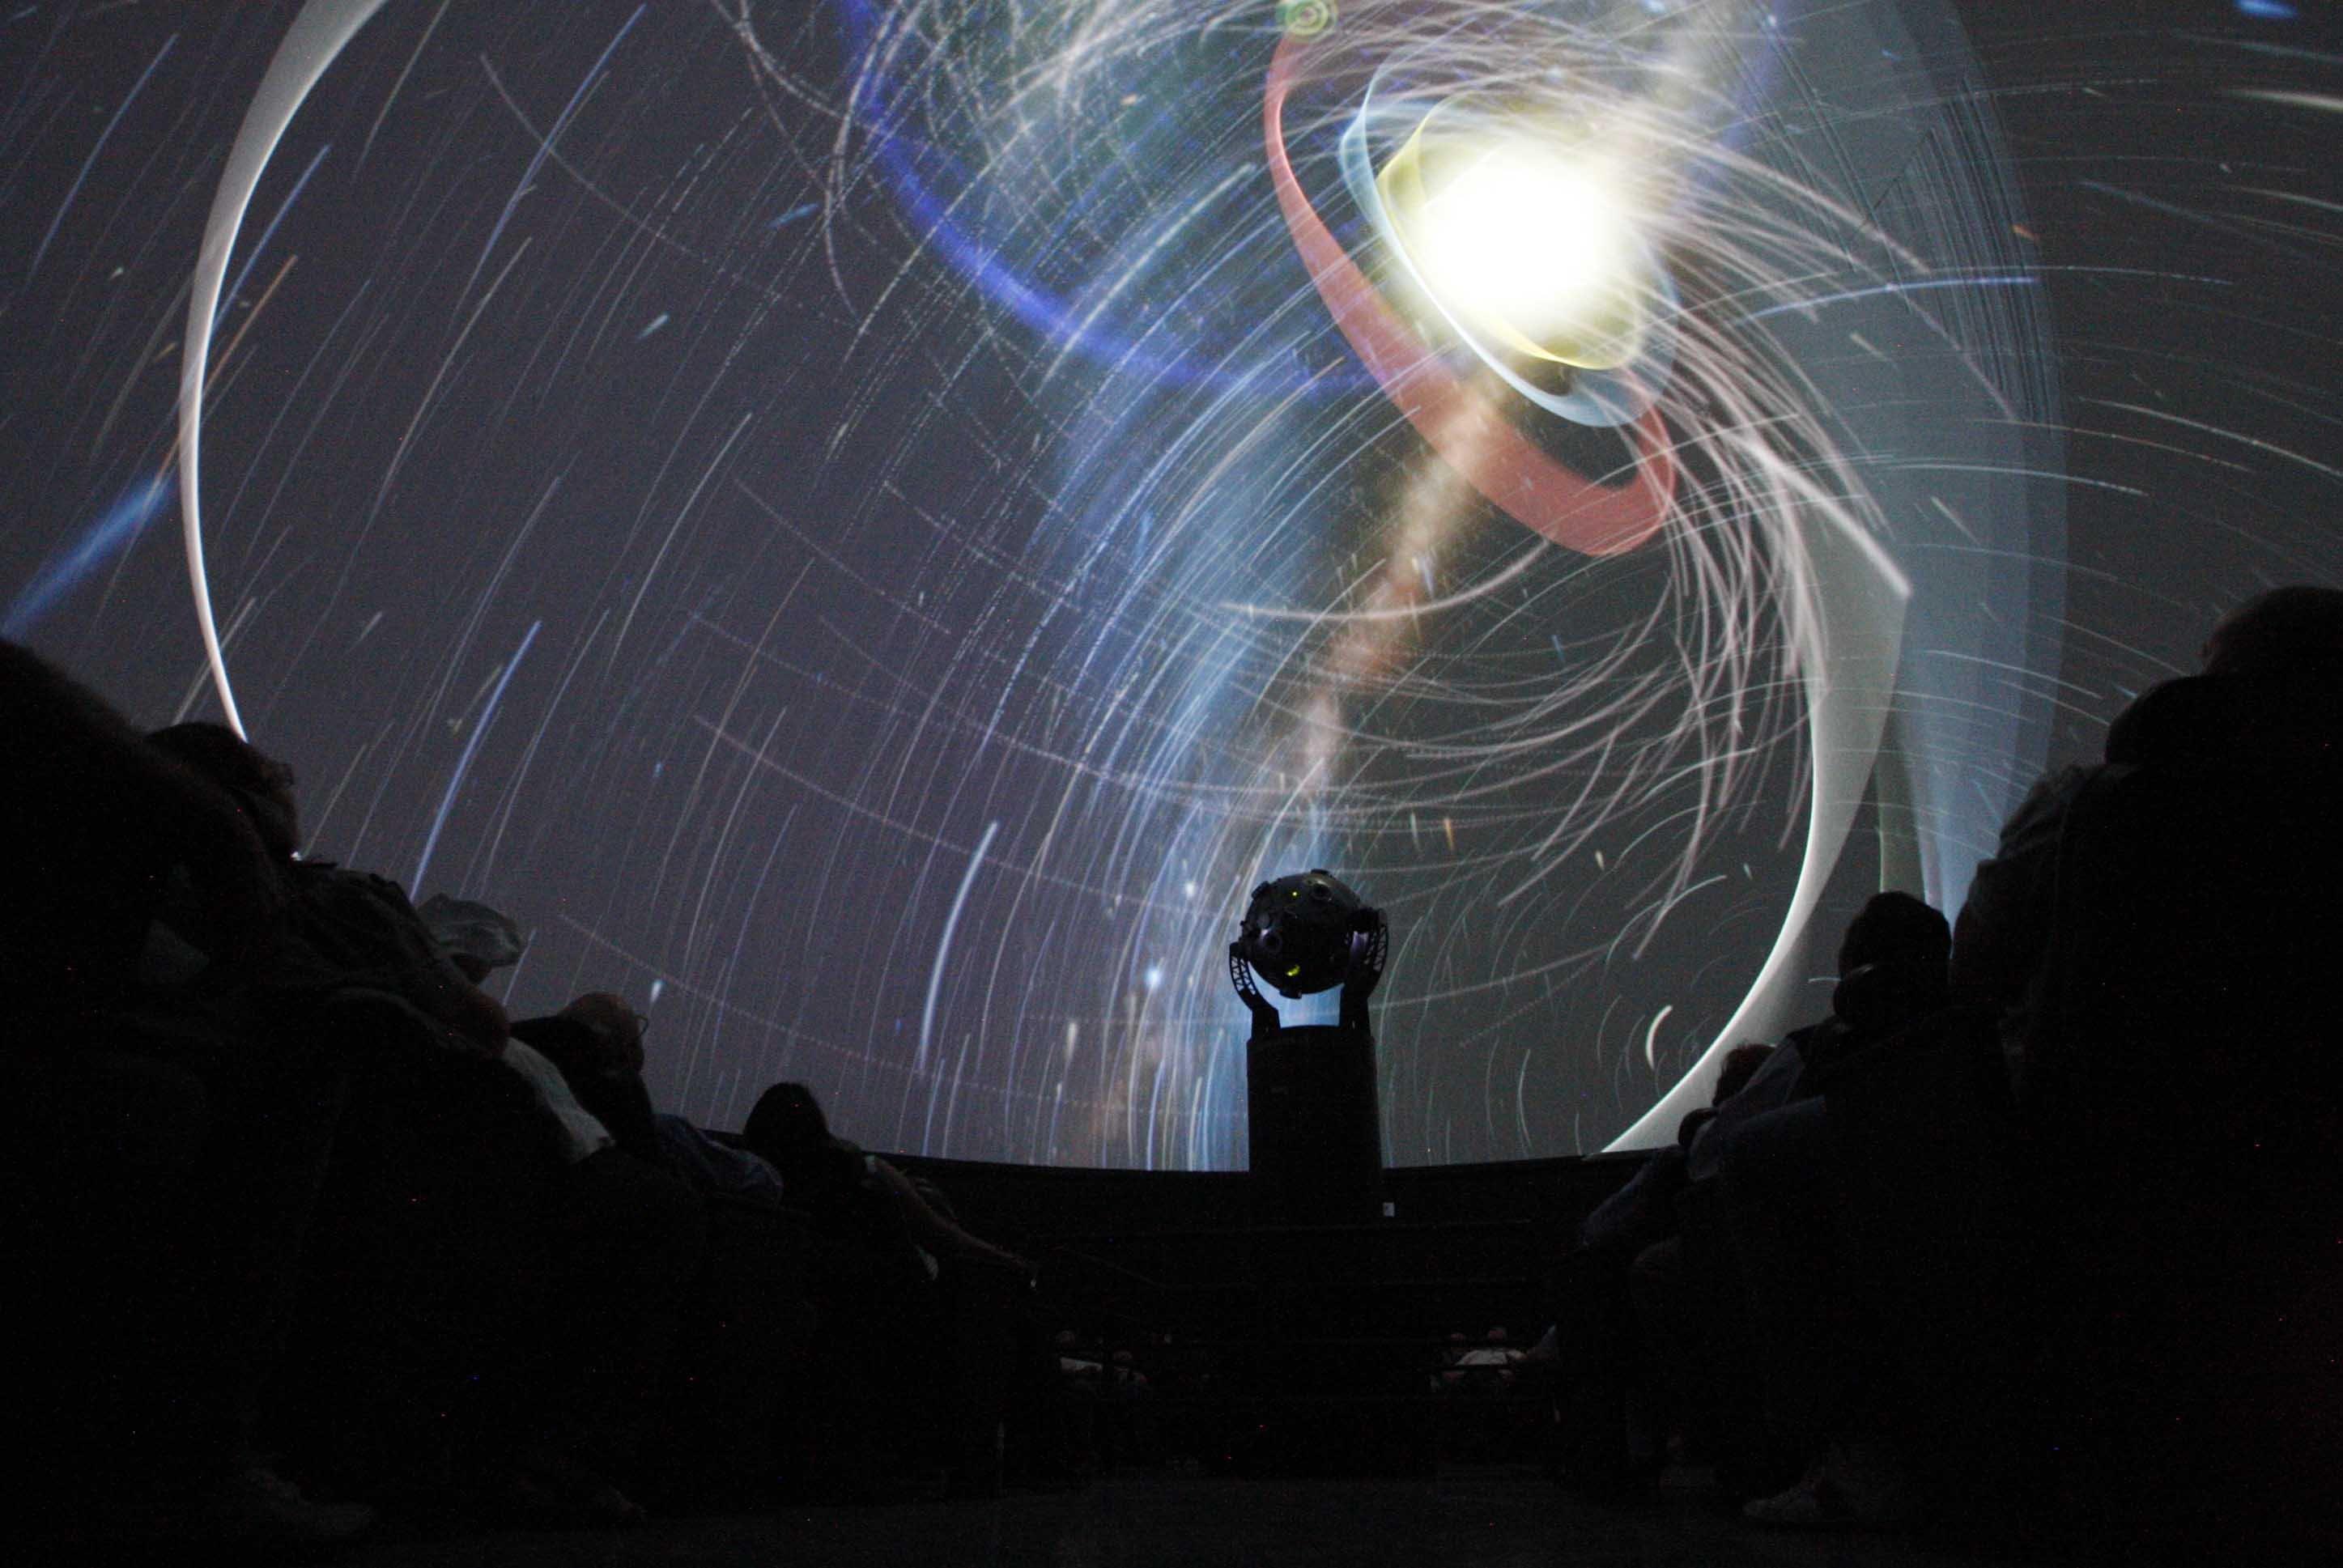 ВКраснодаре представят «Сферический планетарий»